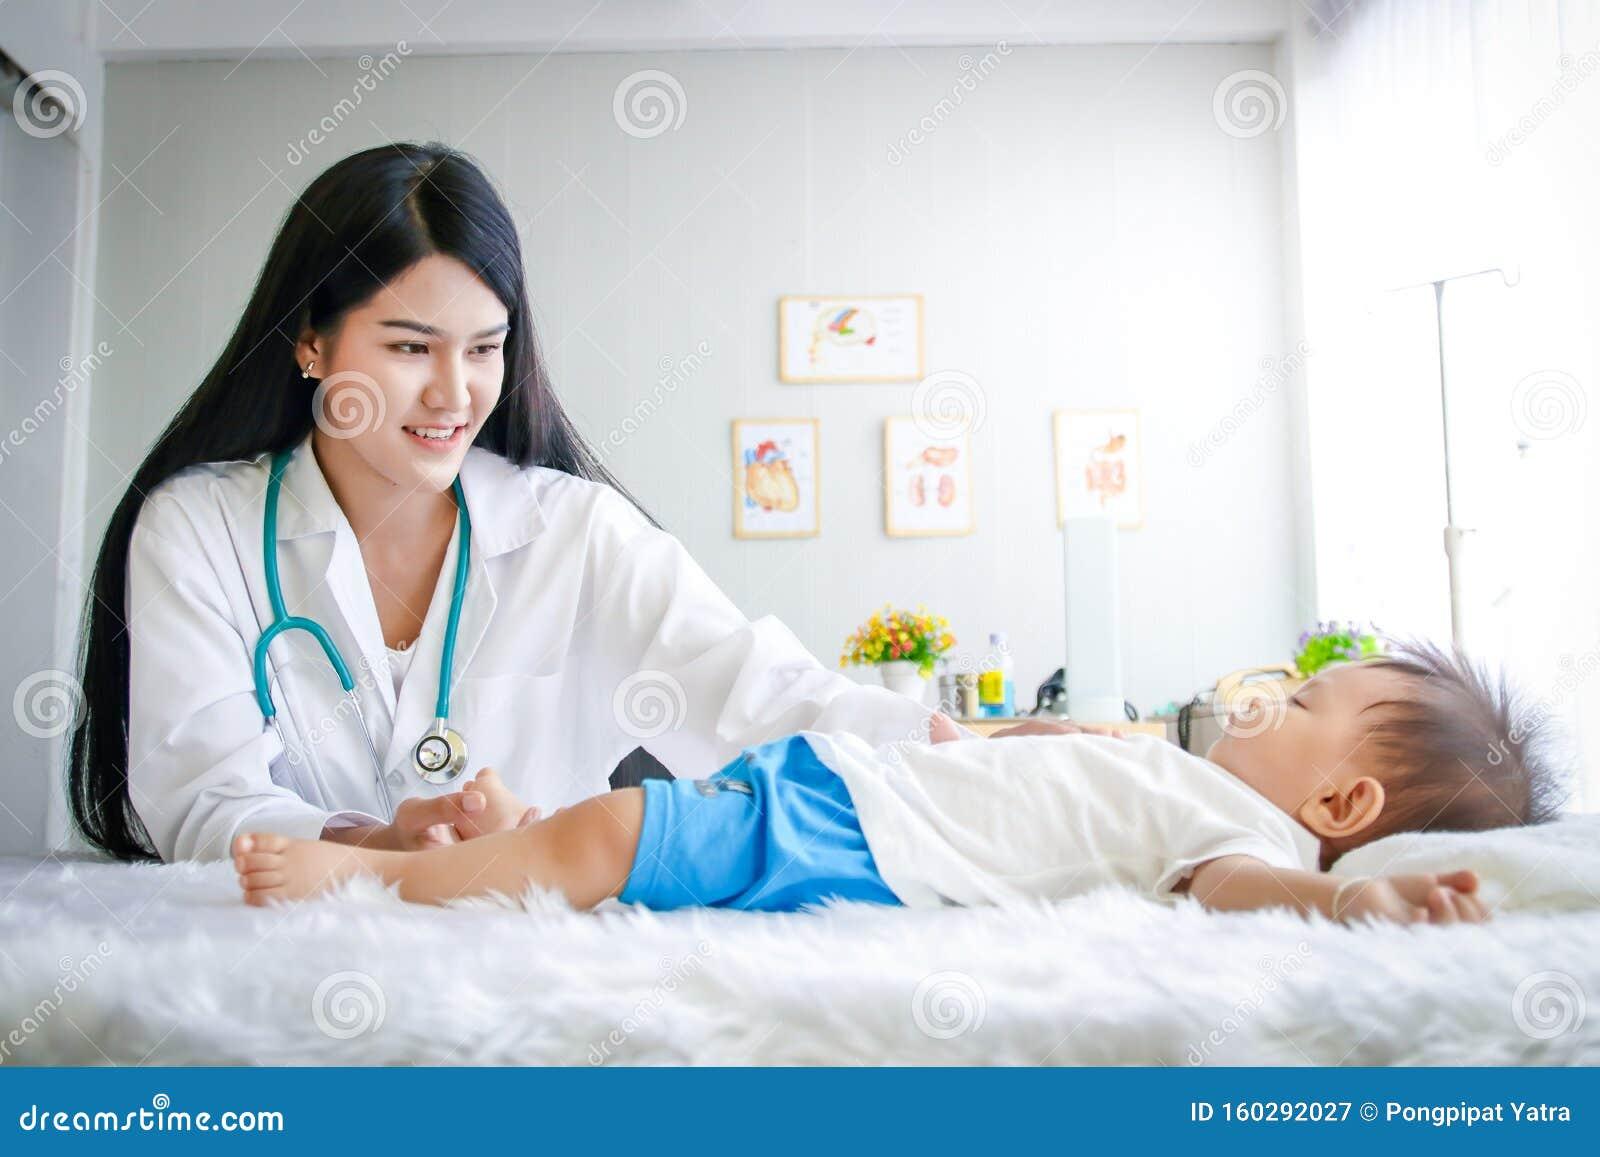 Körperliche Untersuchung Ärztin